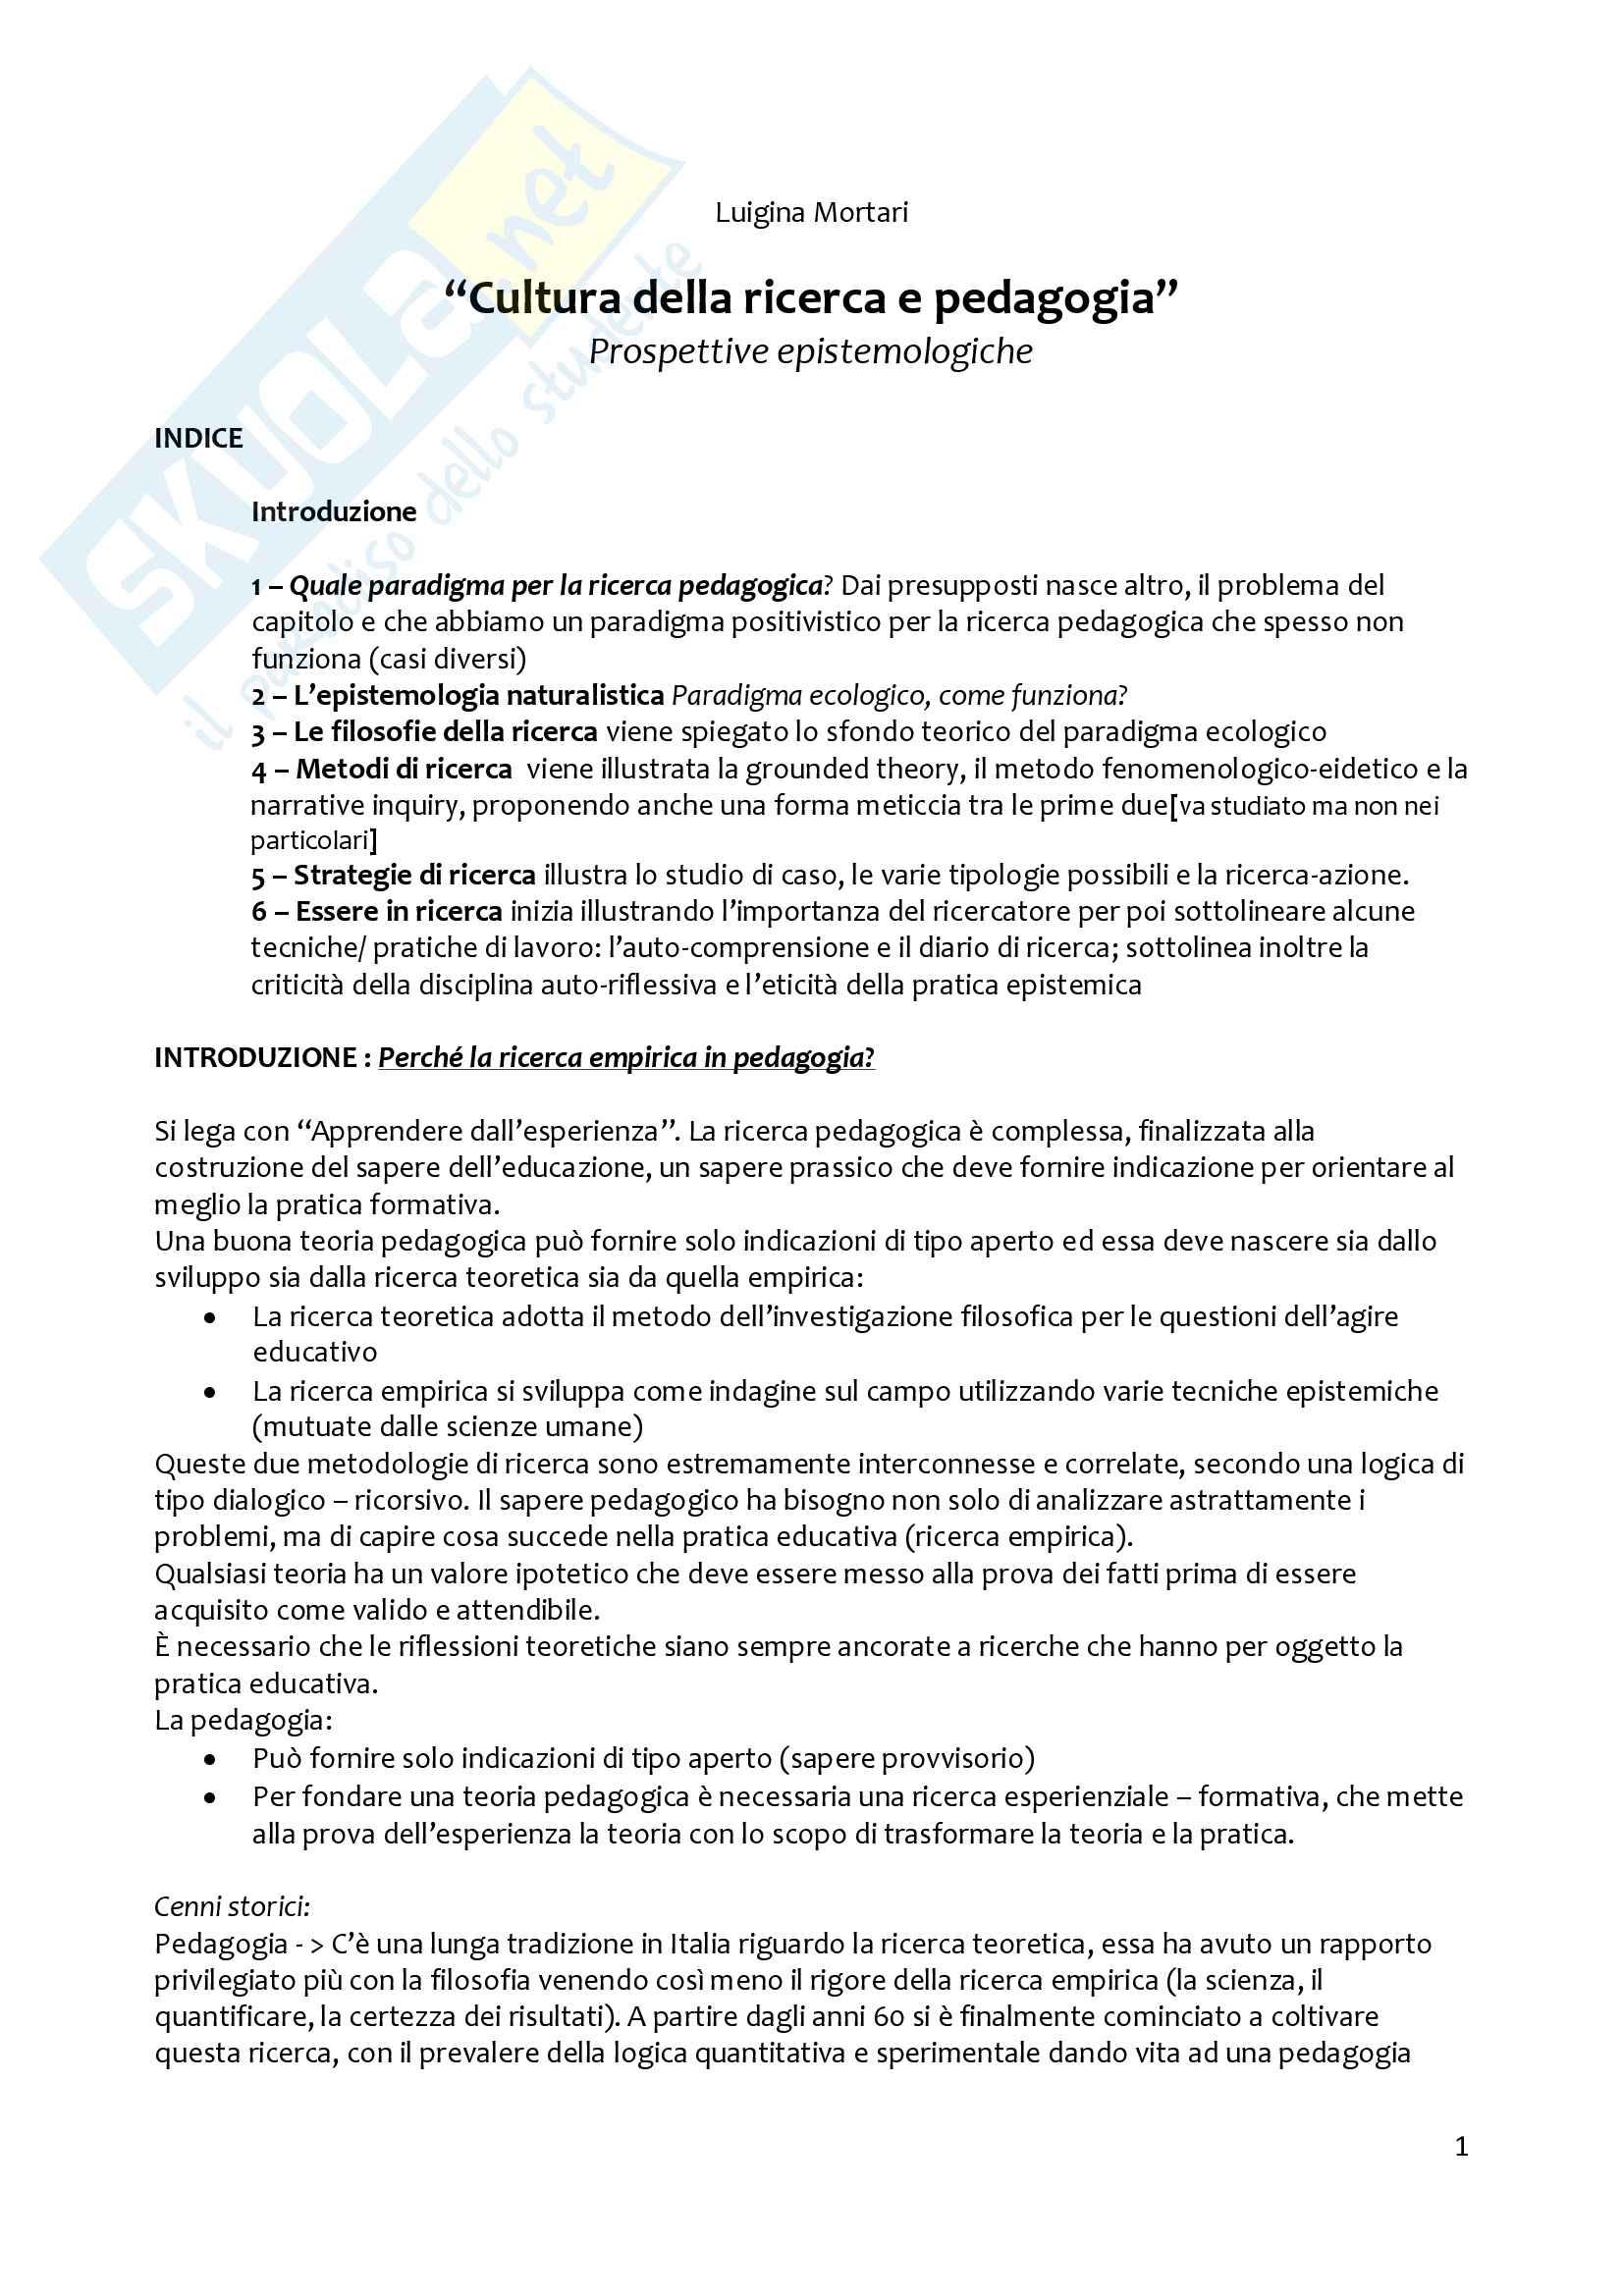 Riassunto esame metodologia della ricerca pedagogica, prof. Girelli, libro consigliato Cultura della ricerca e pedagogia di Mortari